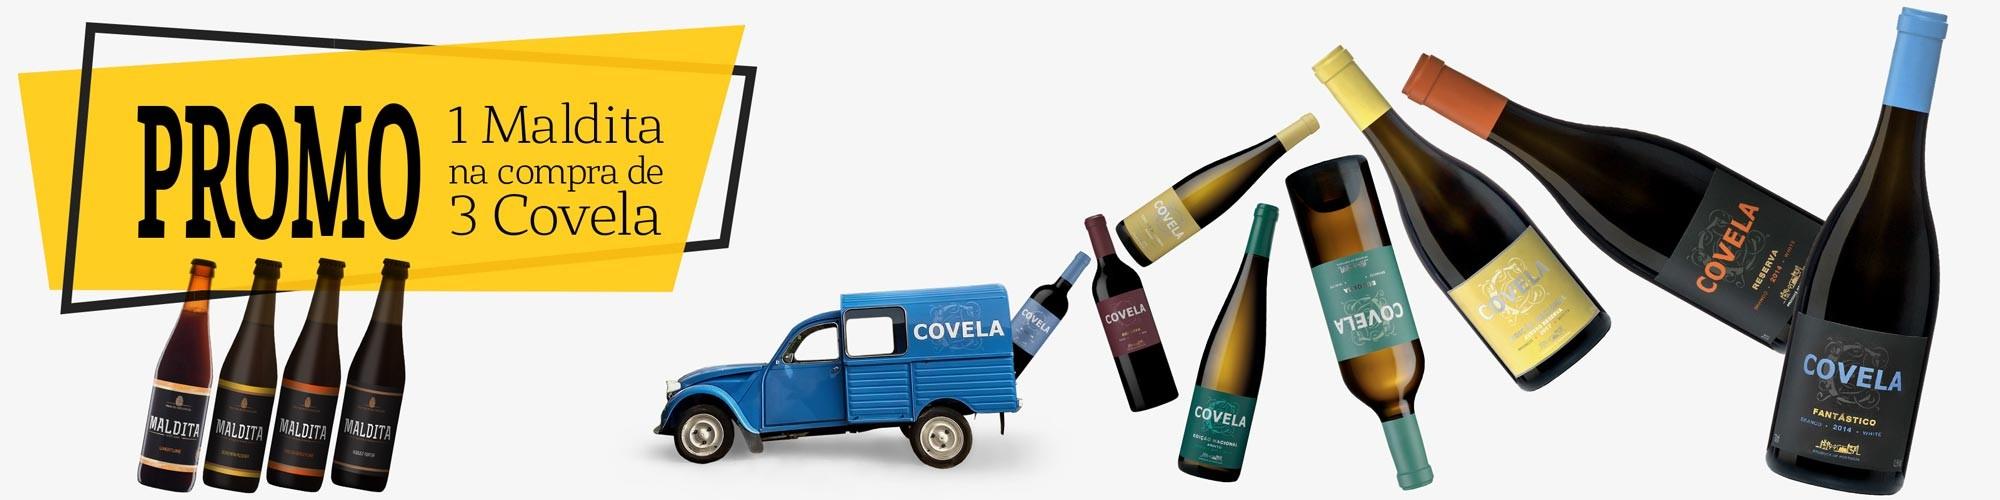 Promo Covela + Maldita